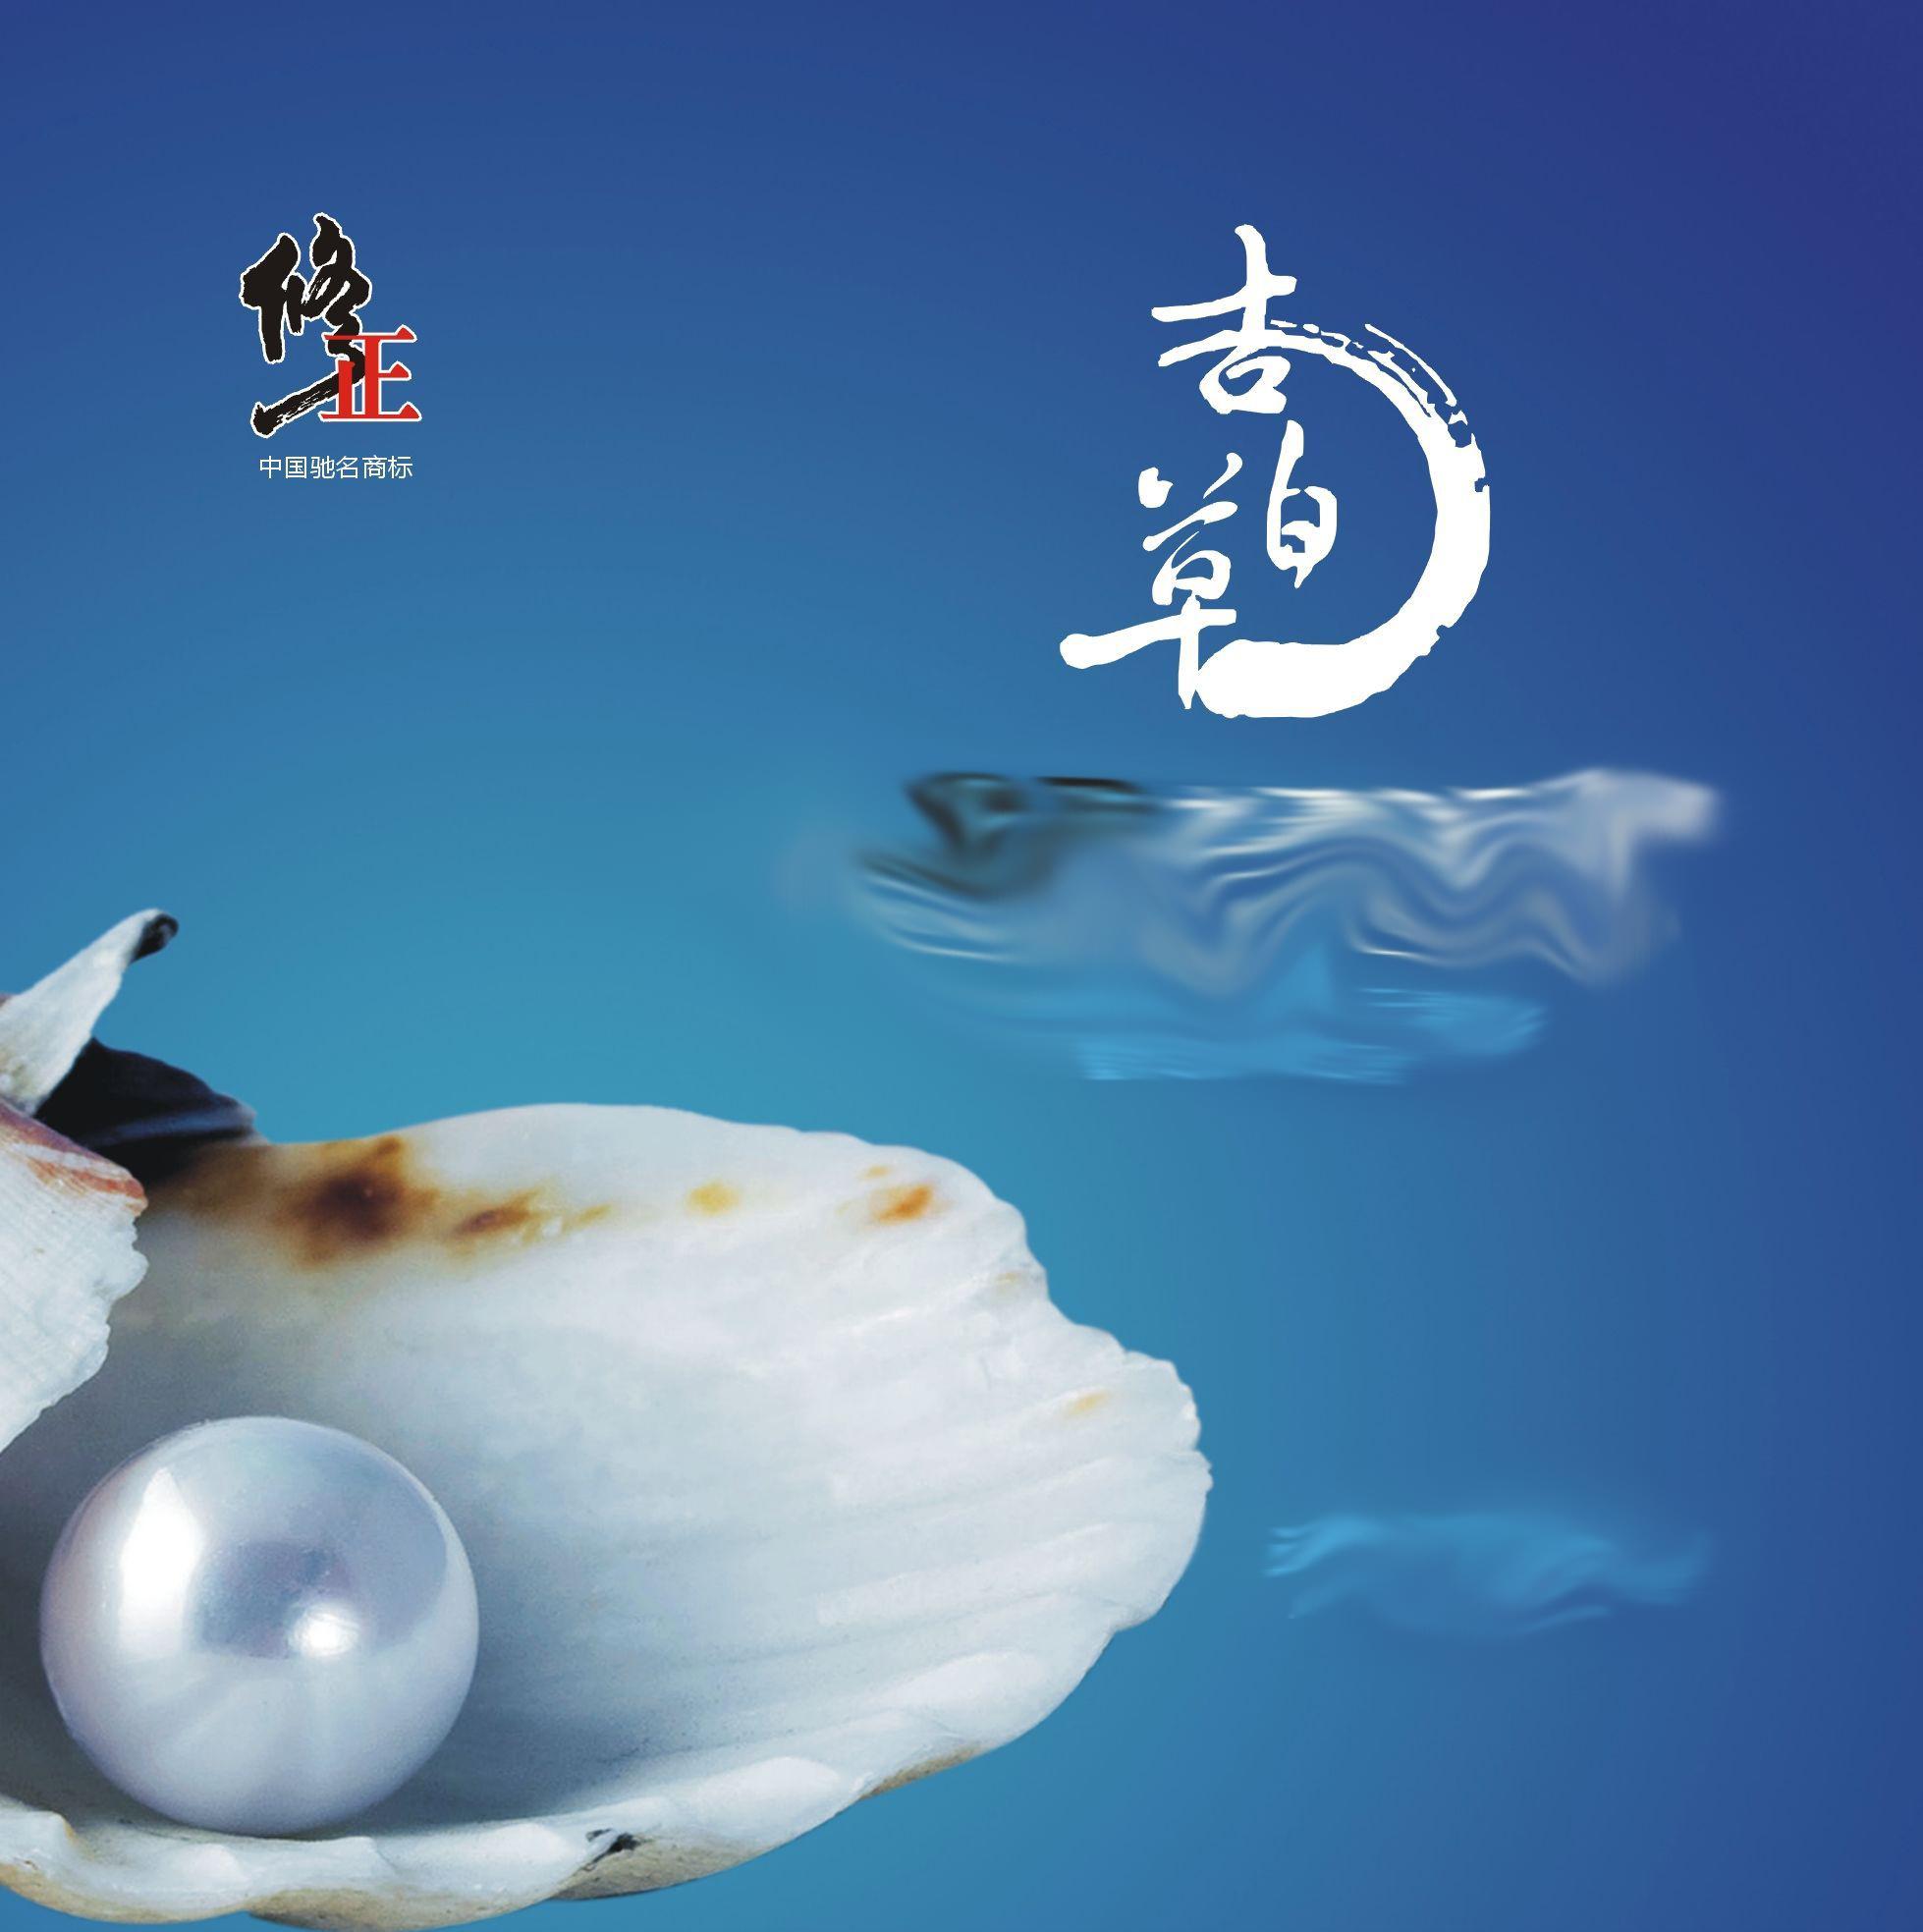 吉百草•珍珠水漾净白面膜